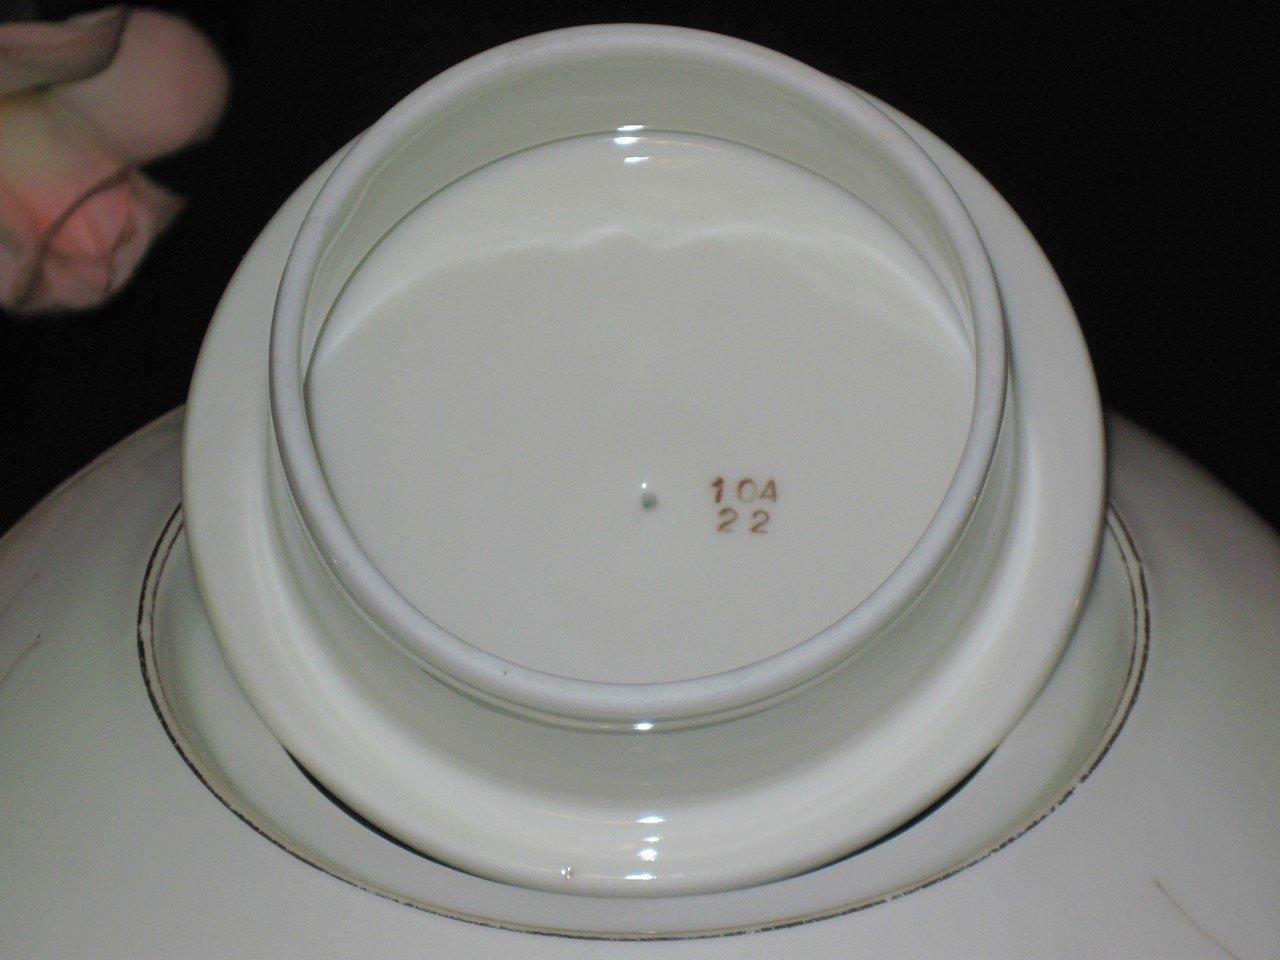 r kpm krister kaffee kanne porzellan elfenbeinfarbene glasur top. Black Bedroom Furniture Sets. Home Design Ideas